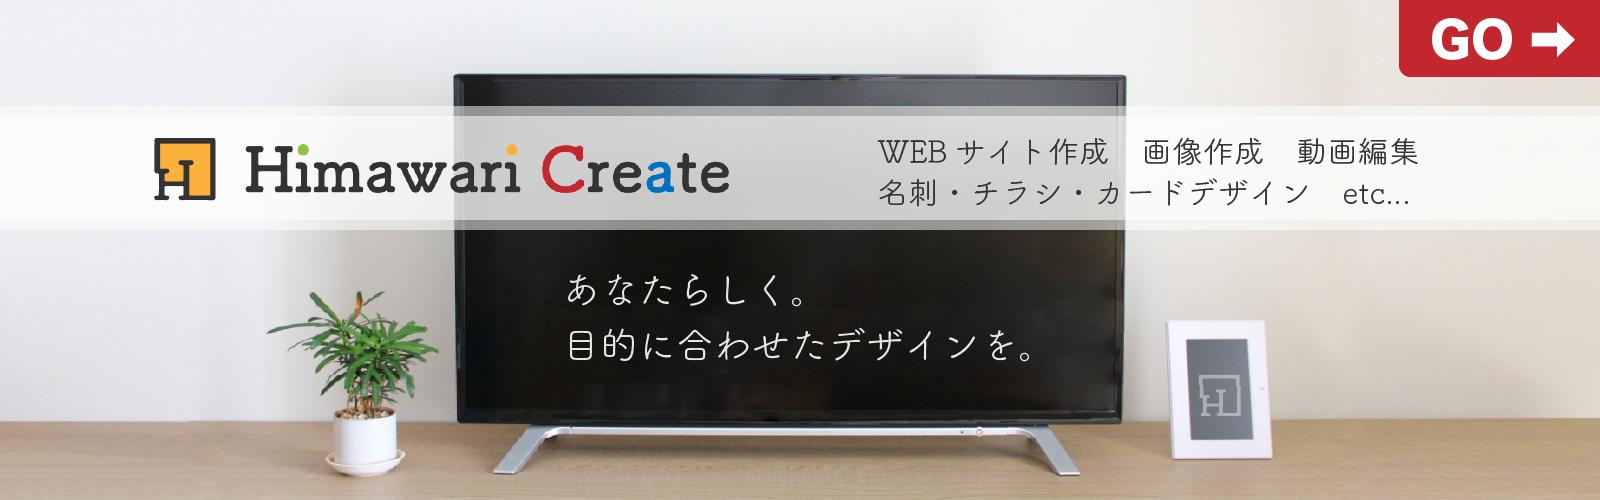 WEBとデザイン ひまわりくりえいと